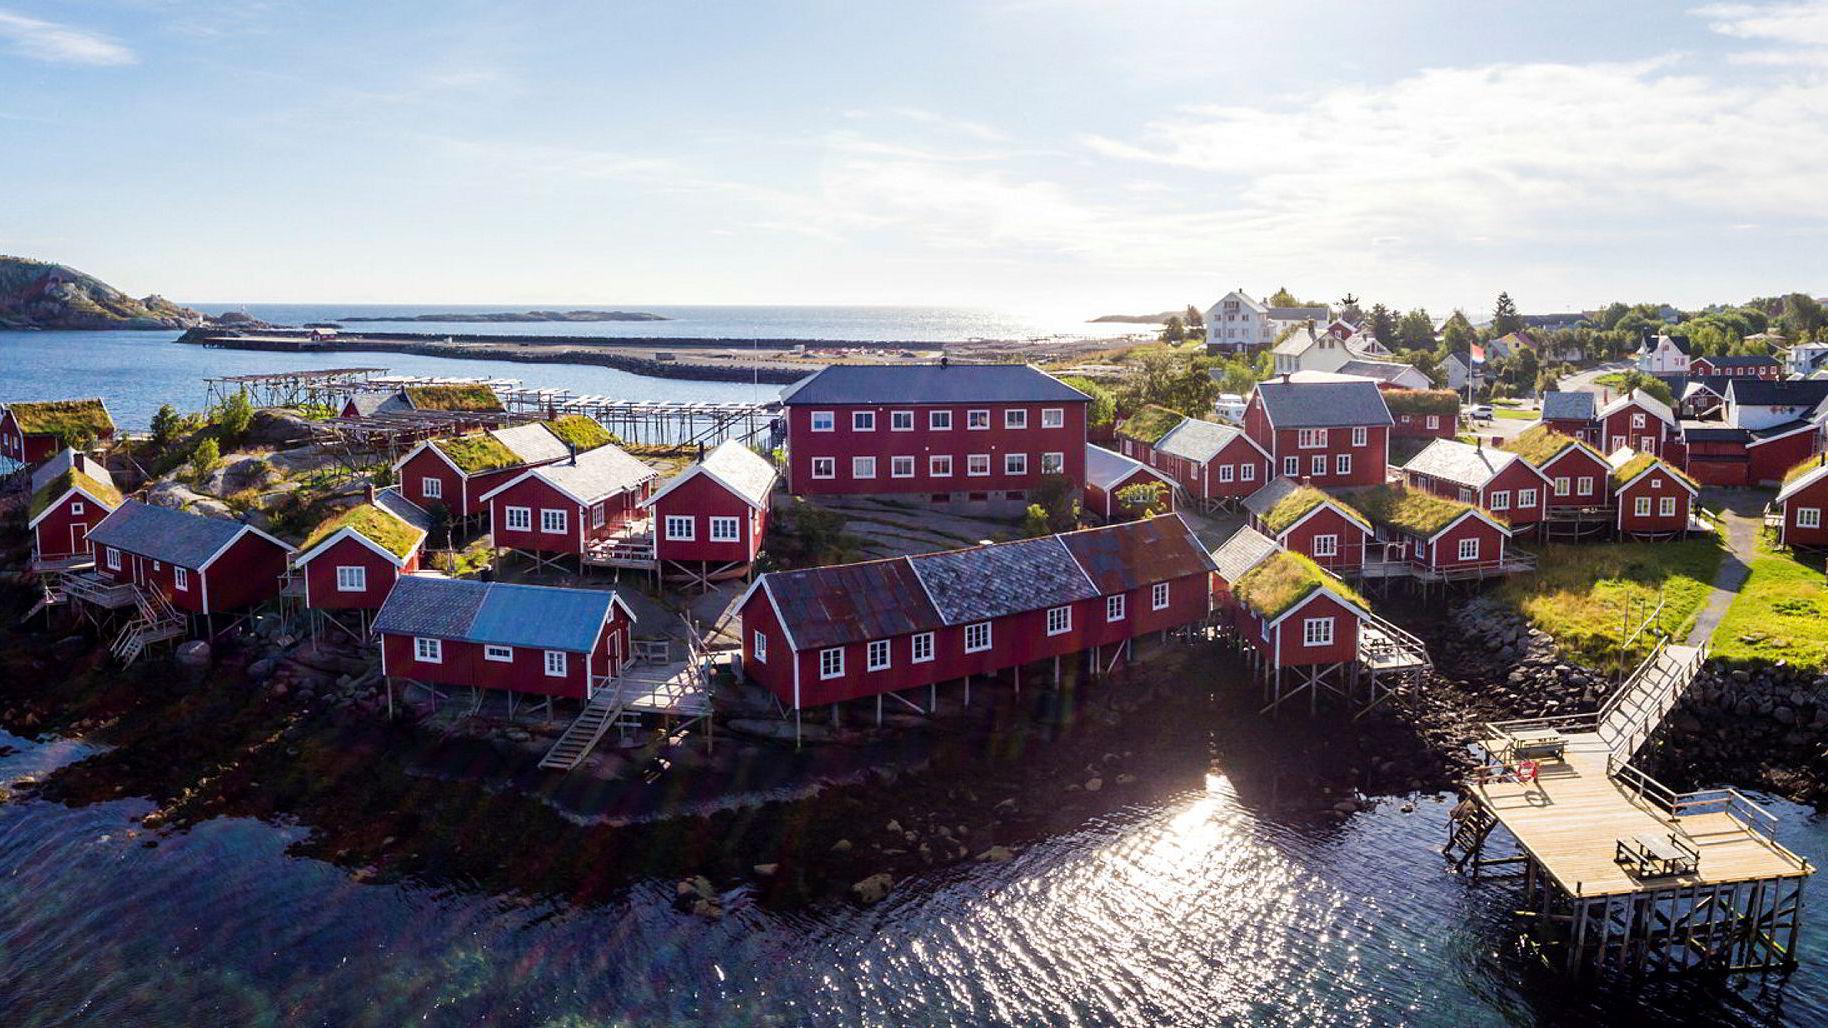 Erik Berg og Stein Erik Hagen har kjøpt Reine Rorbuer i Lofoten av blant andre skipsrederne Atle Bergshaven og James og Axel Stove Lorentzen.